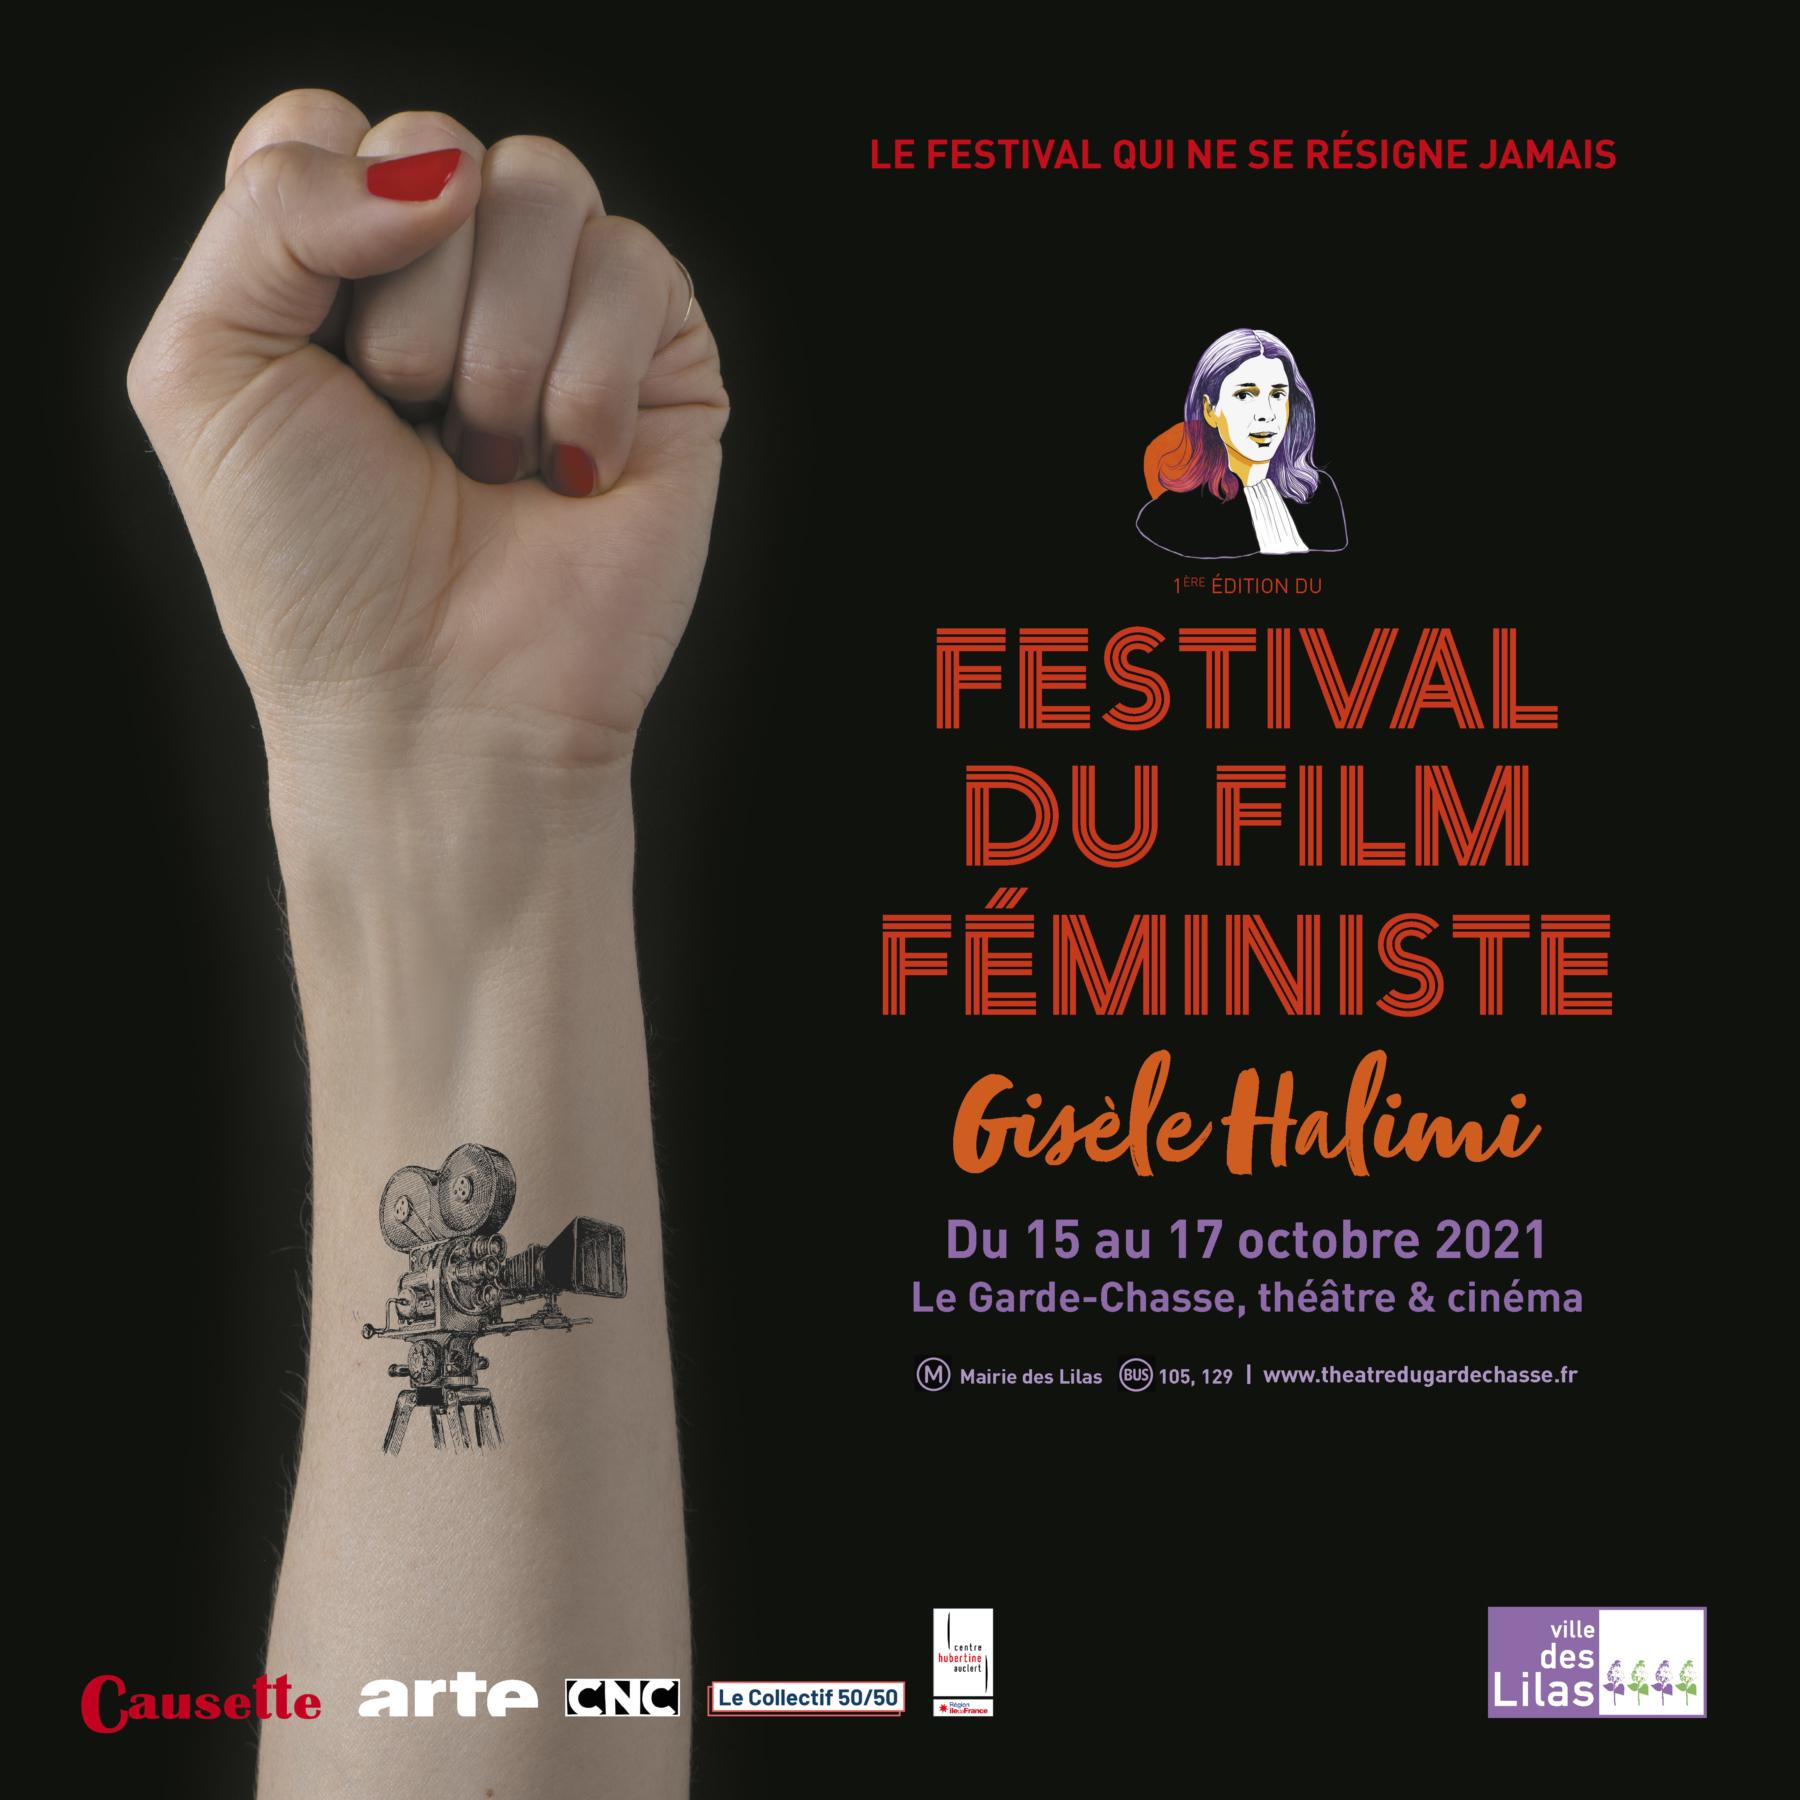 1080x1080 festivalfilmfeministe20211 1